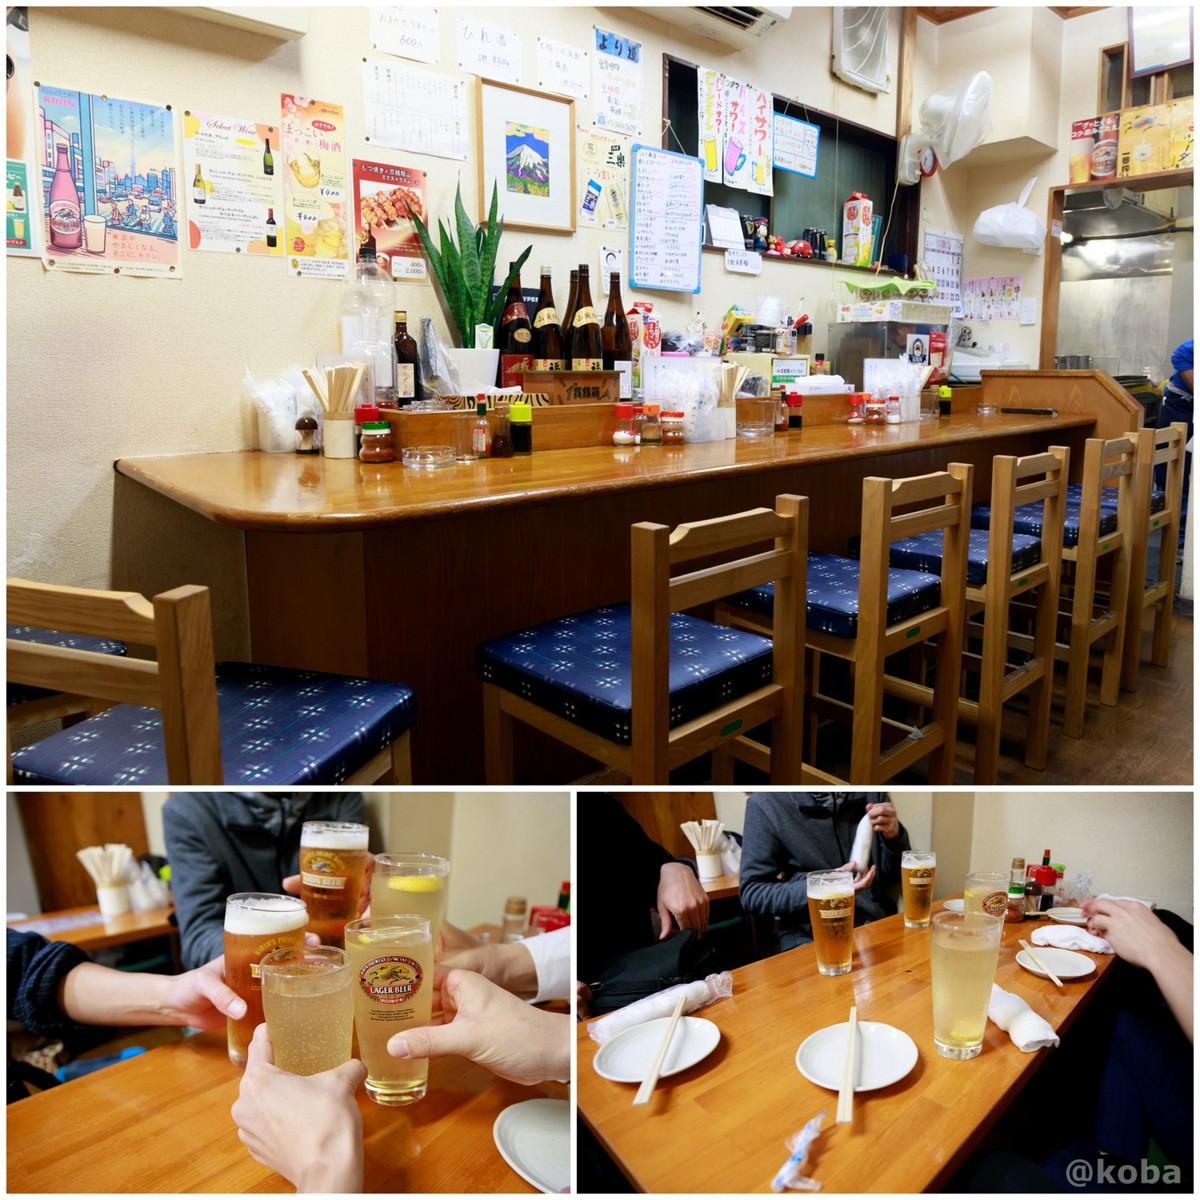 内観 カウンター席と小上がり座敷席の写真|居酒屋 より道|東京都葛飾区・京成青砥